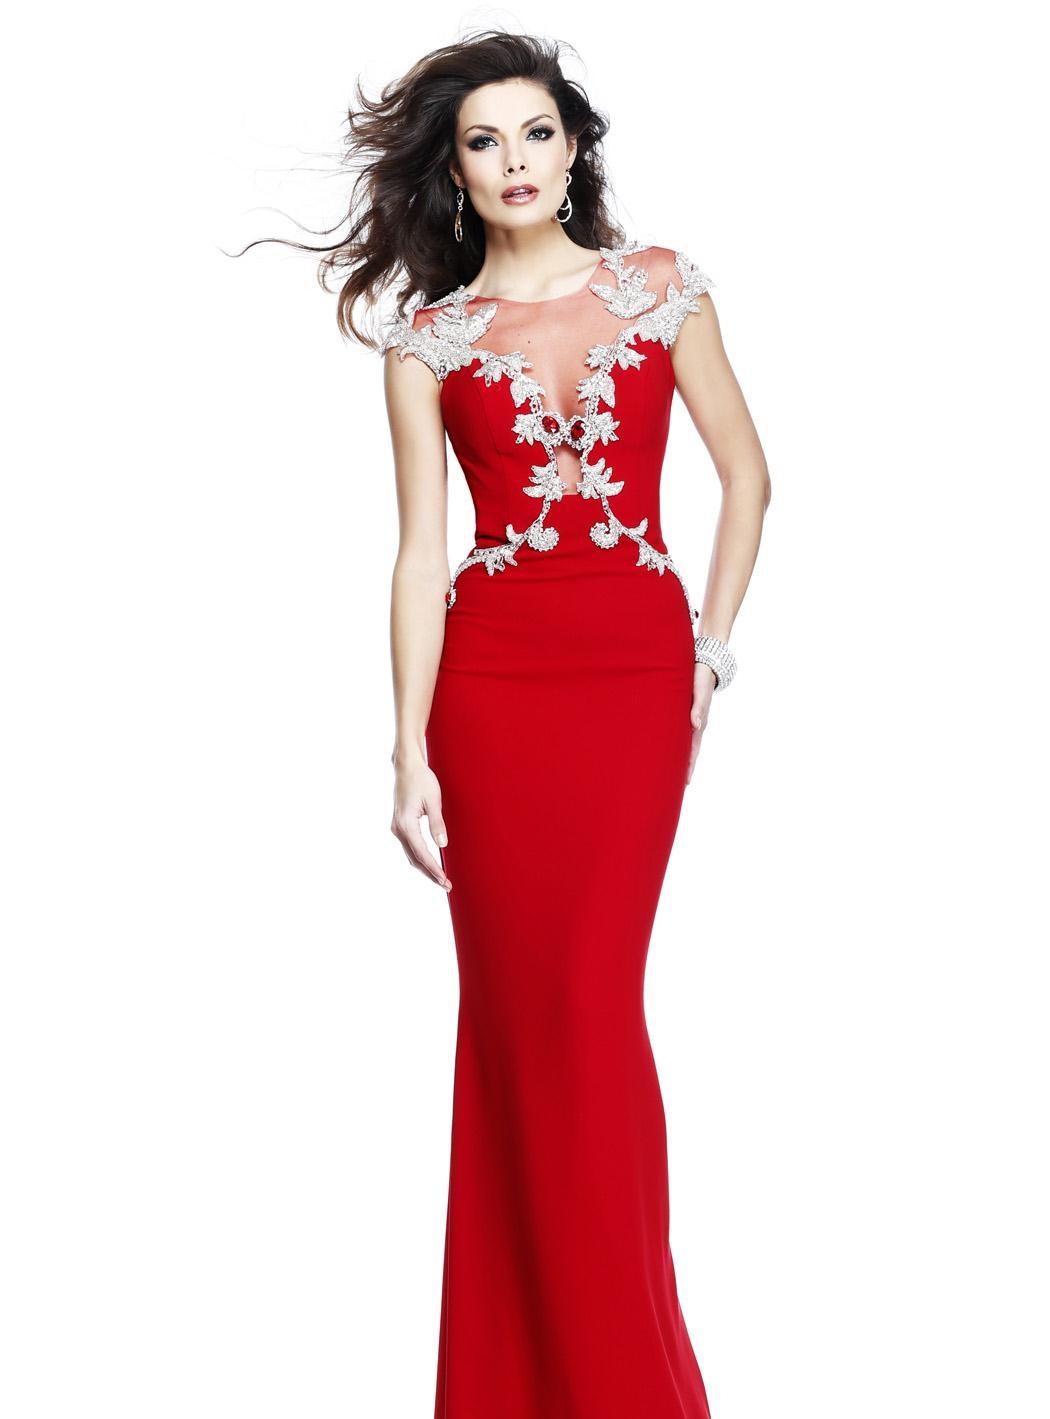 48170ab071b2b Kırmızı Abiye Elbise Modelleri Özel ve Güzel | SadeKadınlar, Kıyafet ...